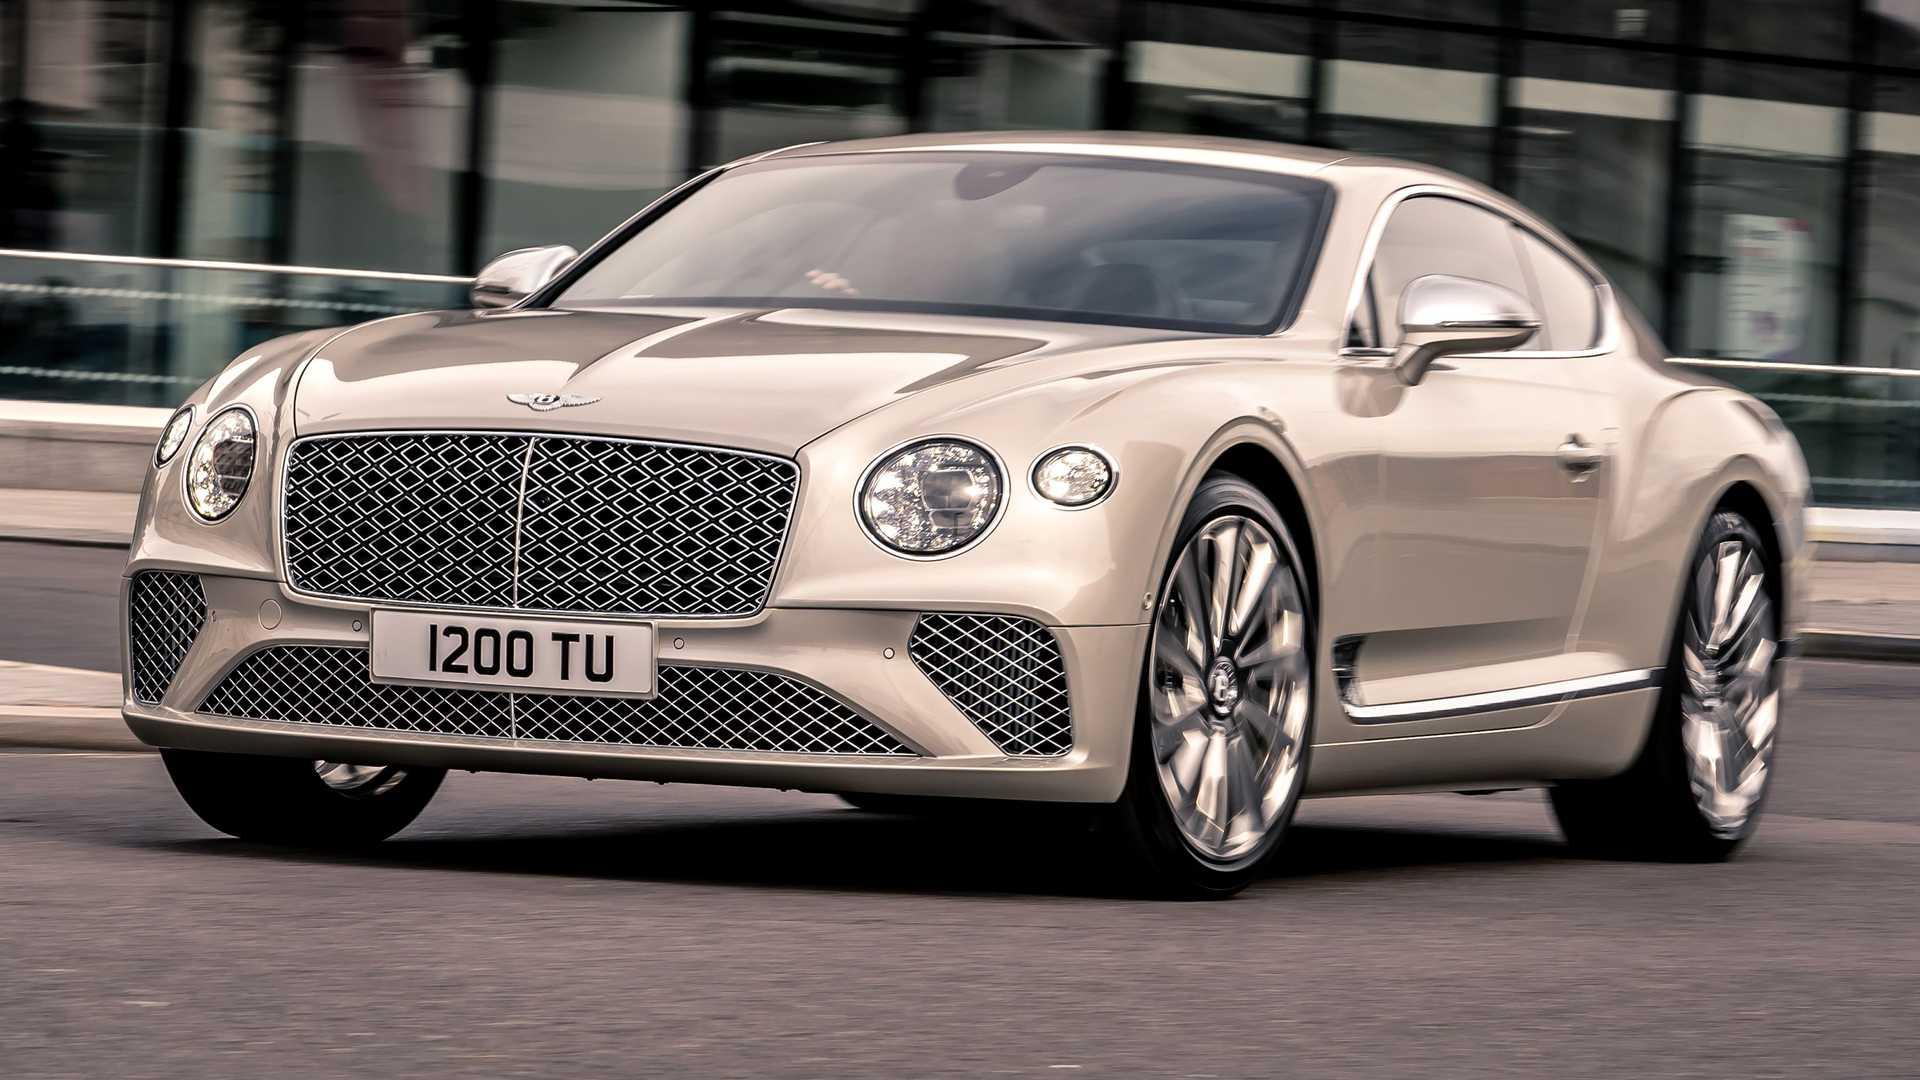 22 сентября на выставке Salon Privé во дворце Бленхейм будет представлен Continental GT работы придворного ателье Bentley Mulliner.